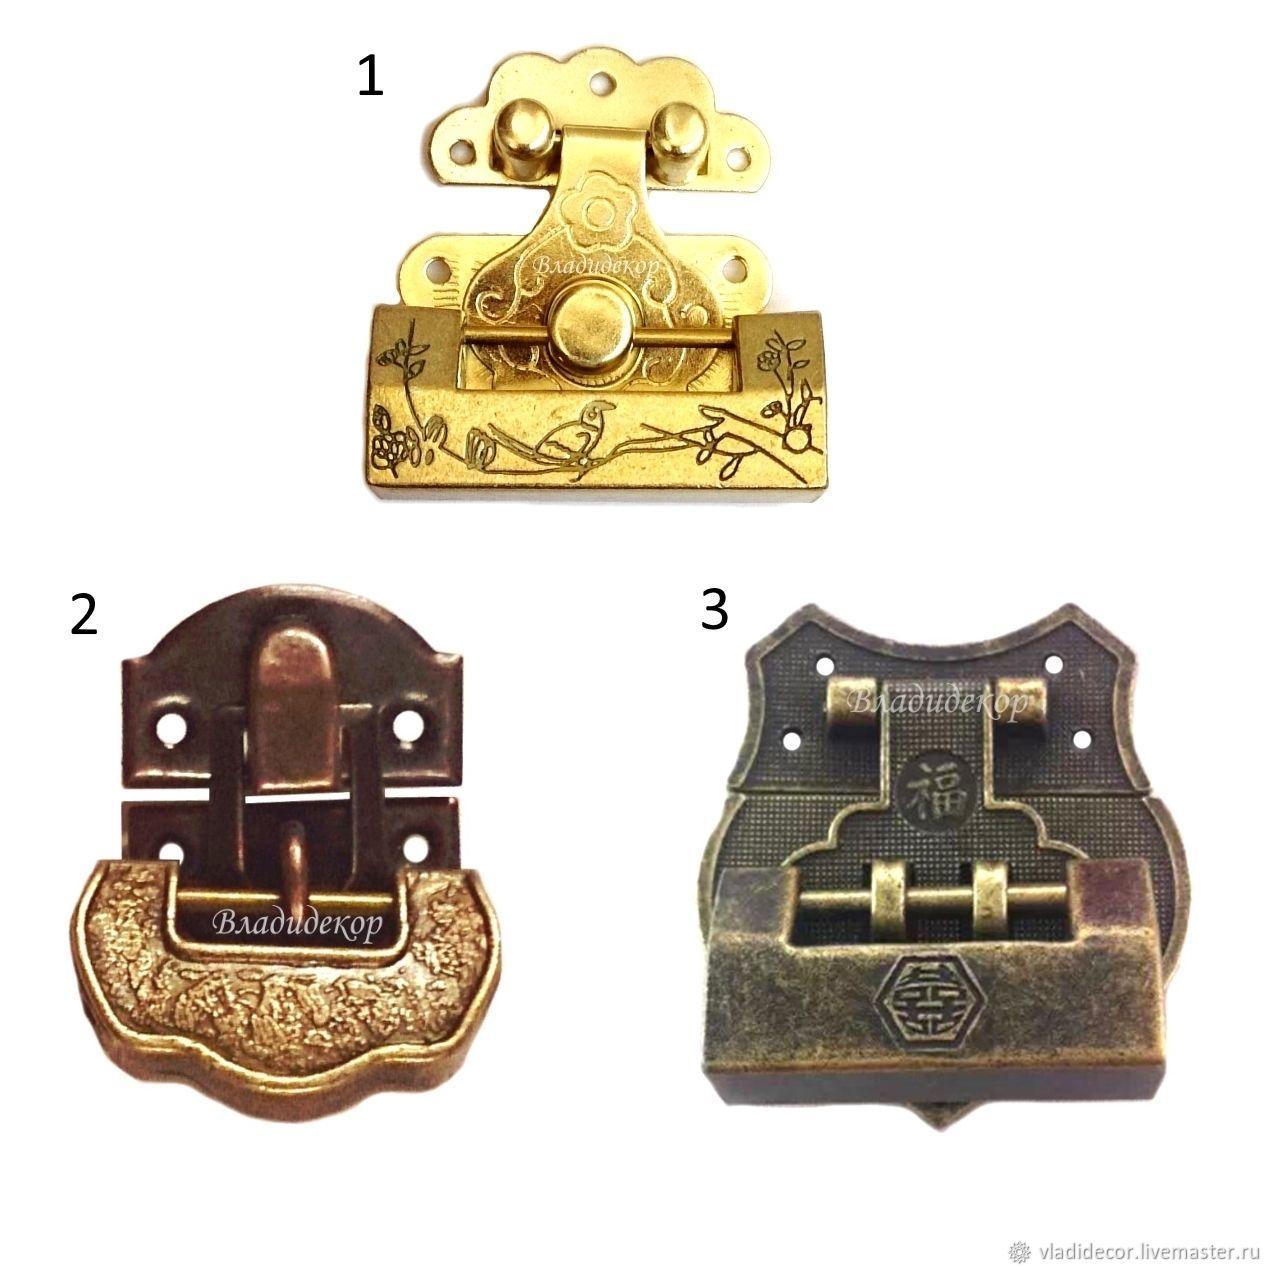 Навесной древний китайский замок с ключом для украшения шкатулок, Шкатулки, Владивосток,  Фото №1